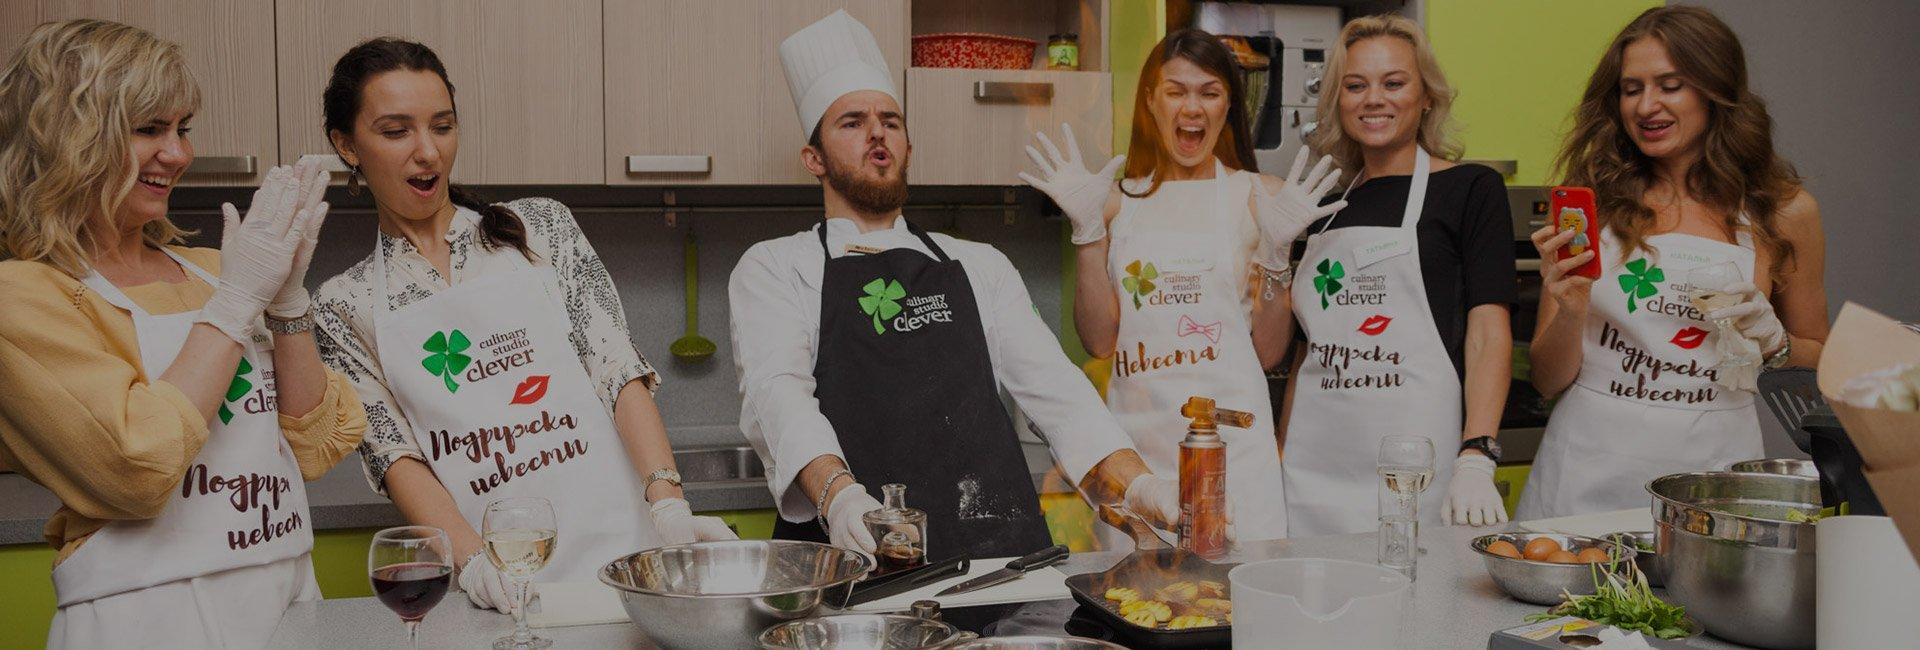 девичник в кулинарной студии clever